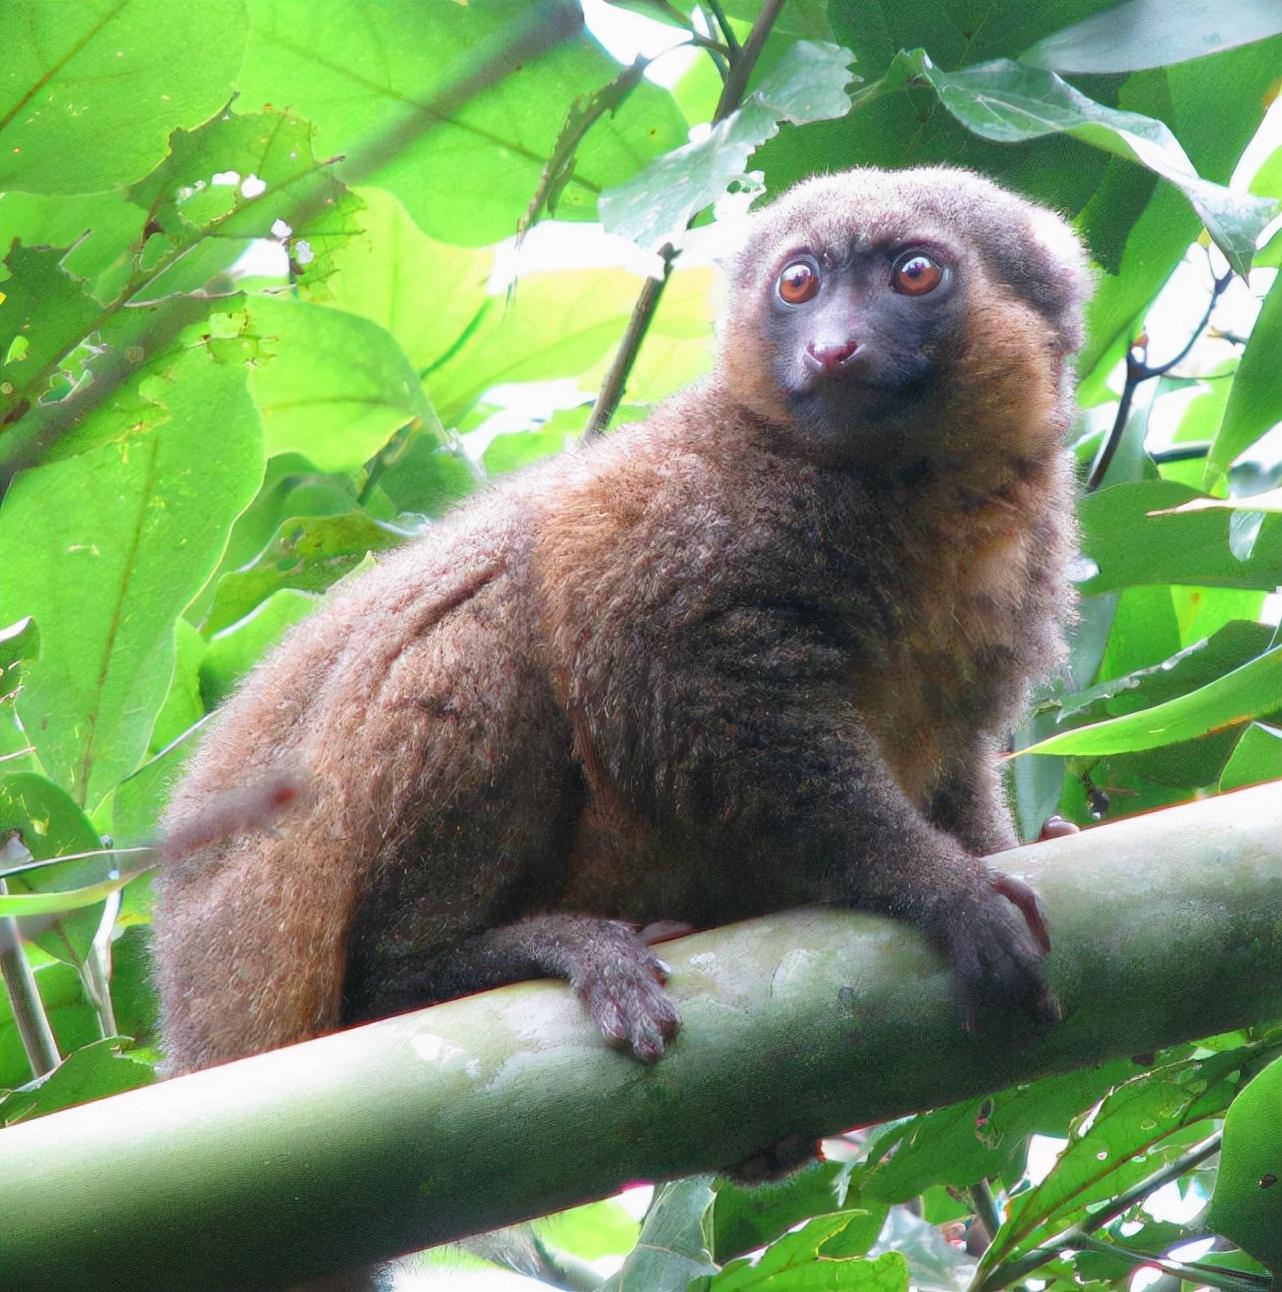 近一年多全球新增10种已灭绝动物,有的从发现到灭绝不到一年时间